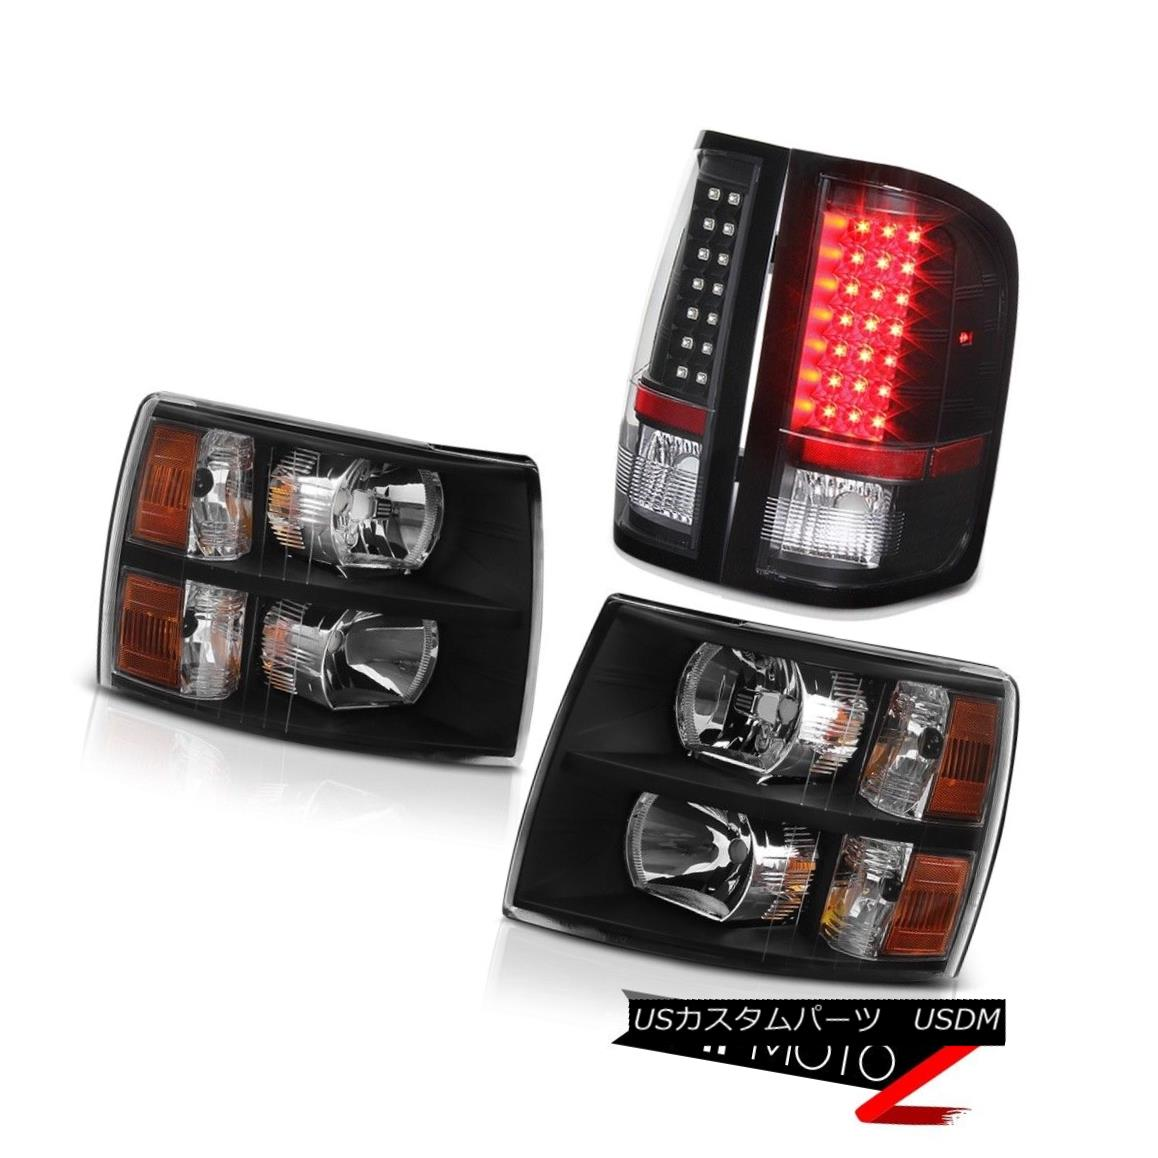 テールライト Chevy 07-14 Silverado Black Hedlamp Amber Corner Signal+LED Taillight Brake Lamp シボレー07-14シルバラードブラックヘッドランプアンバーコーナー信号+ LEDテールライトブレーキランプ